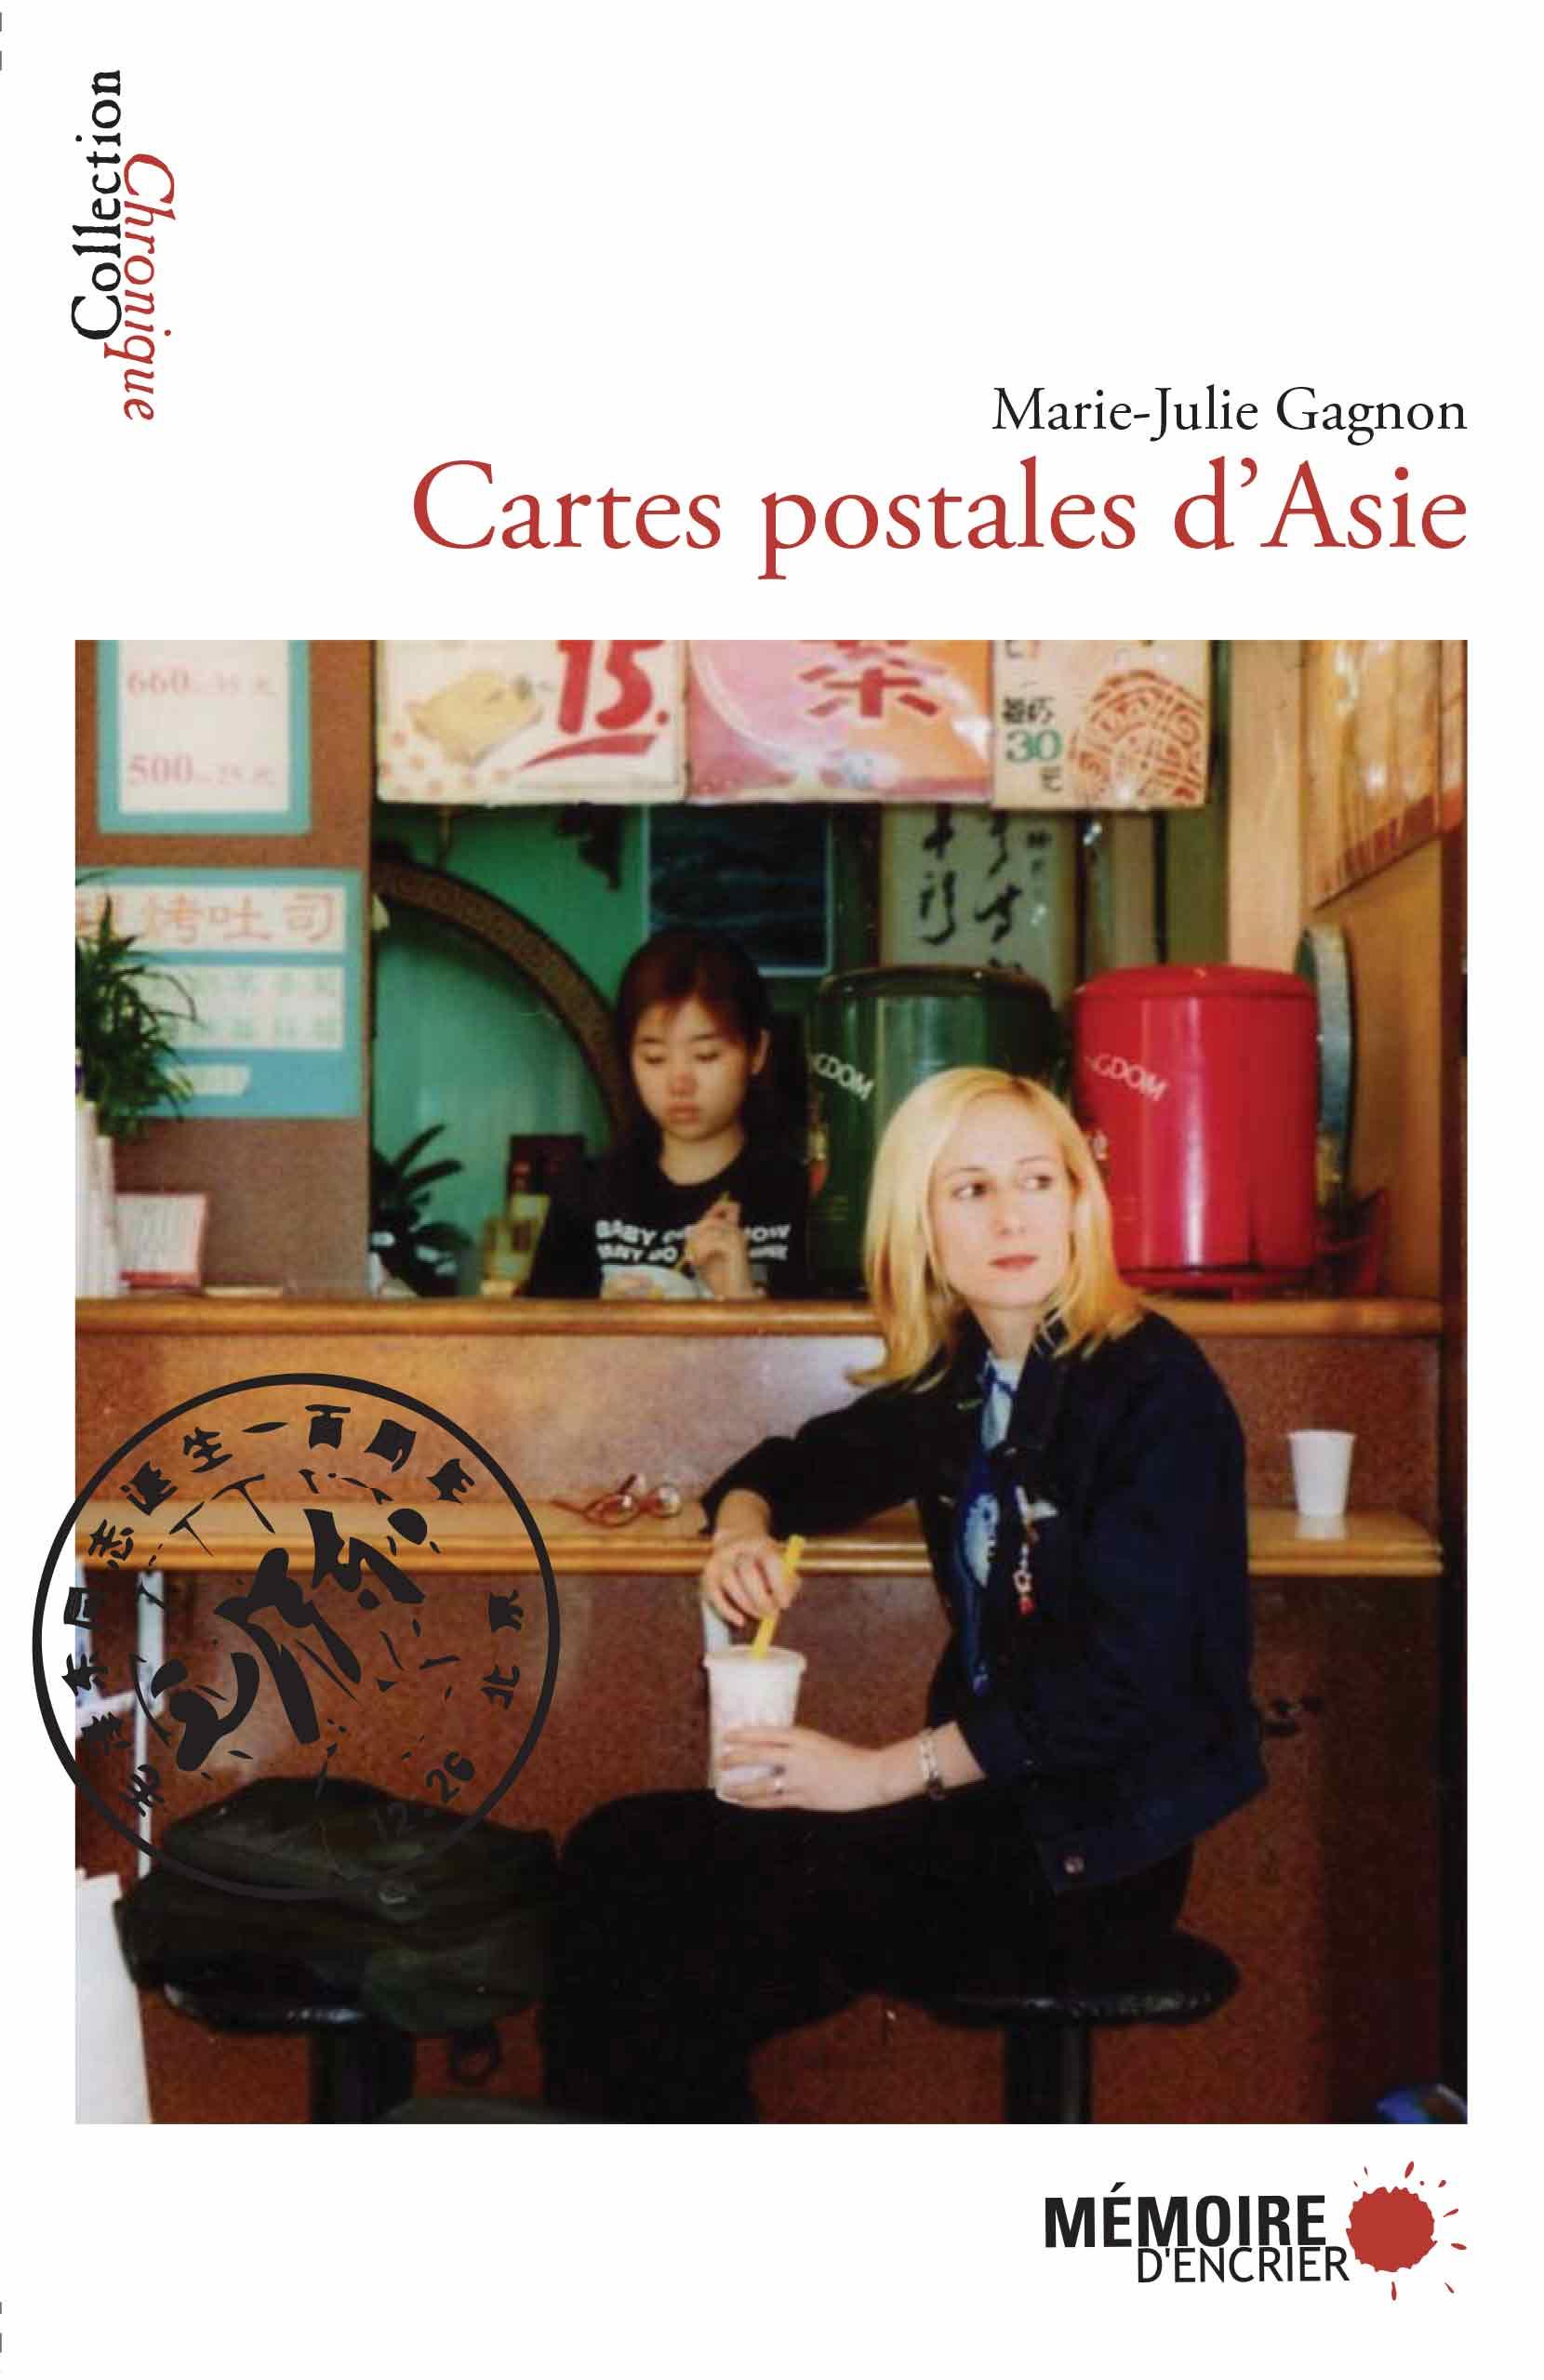 Cartes postales d'Asie